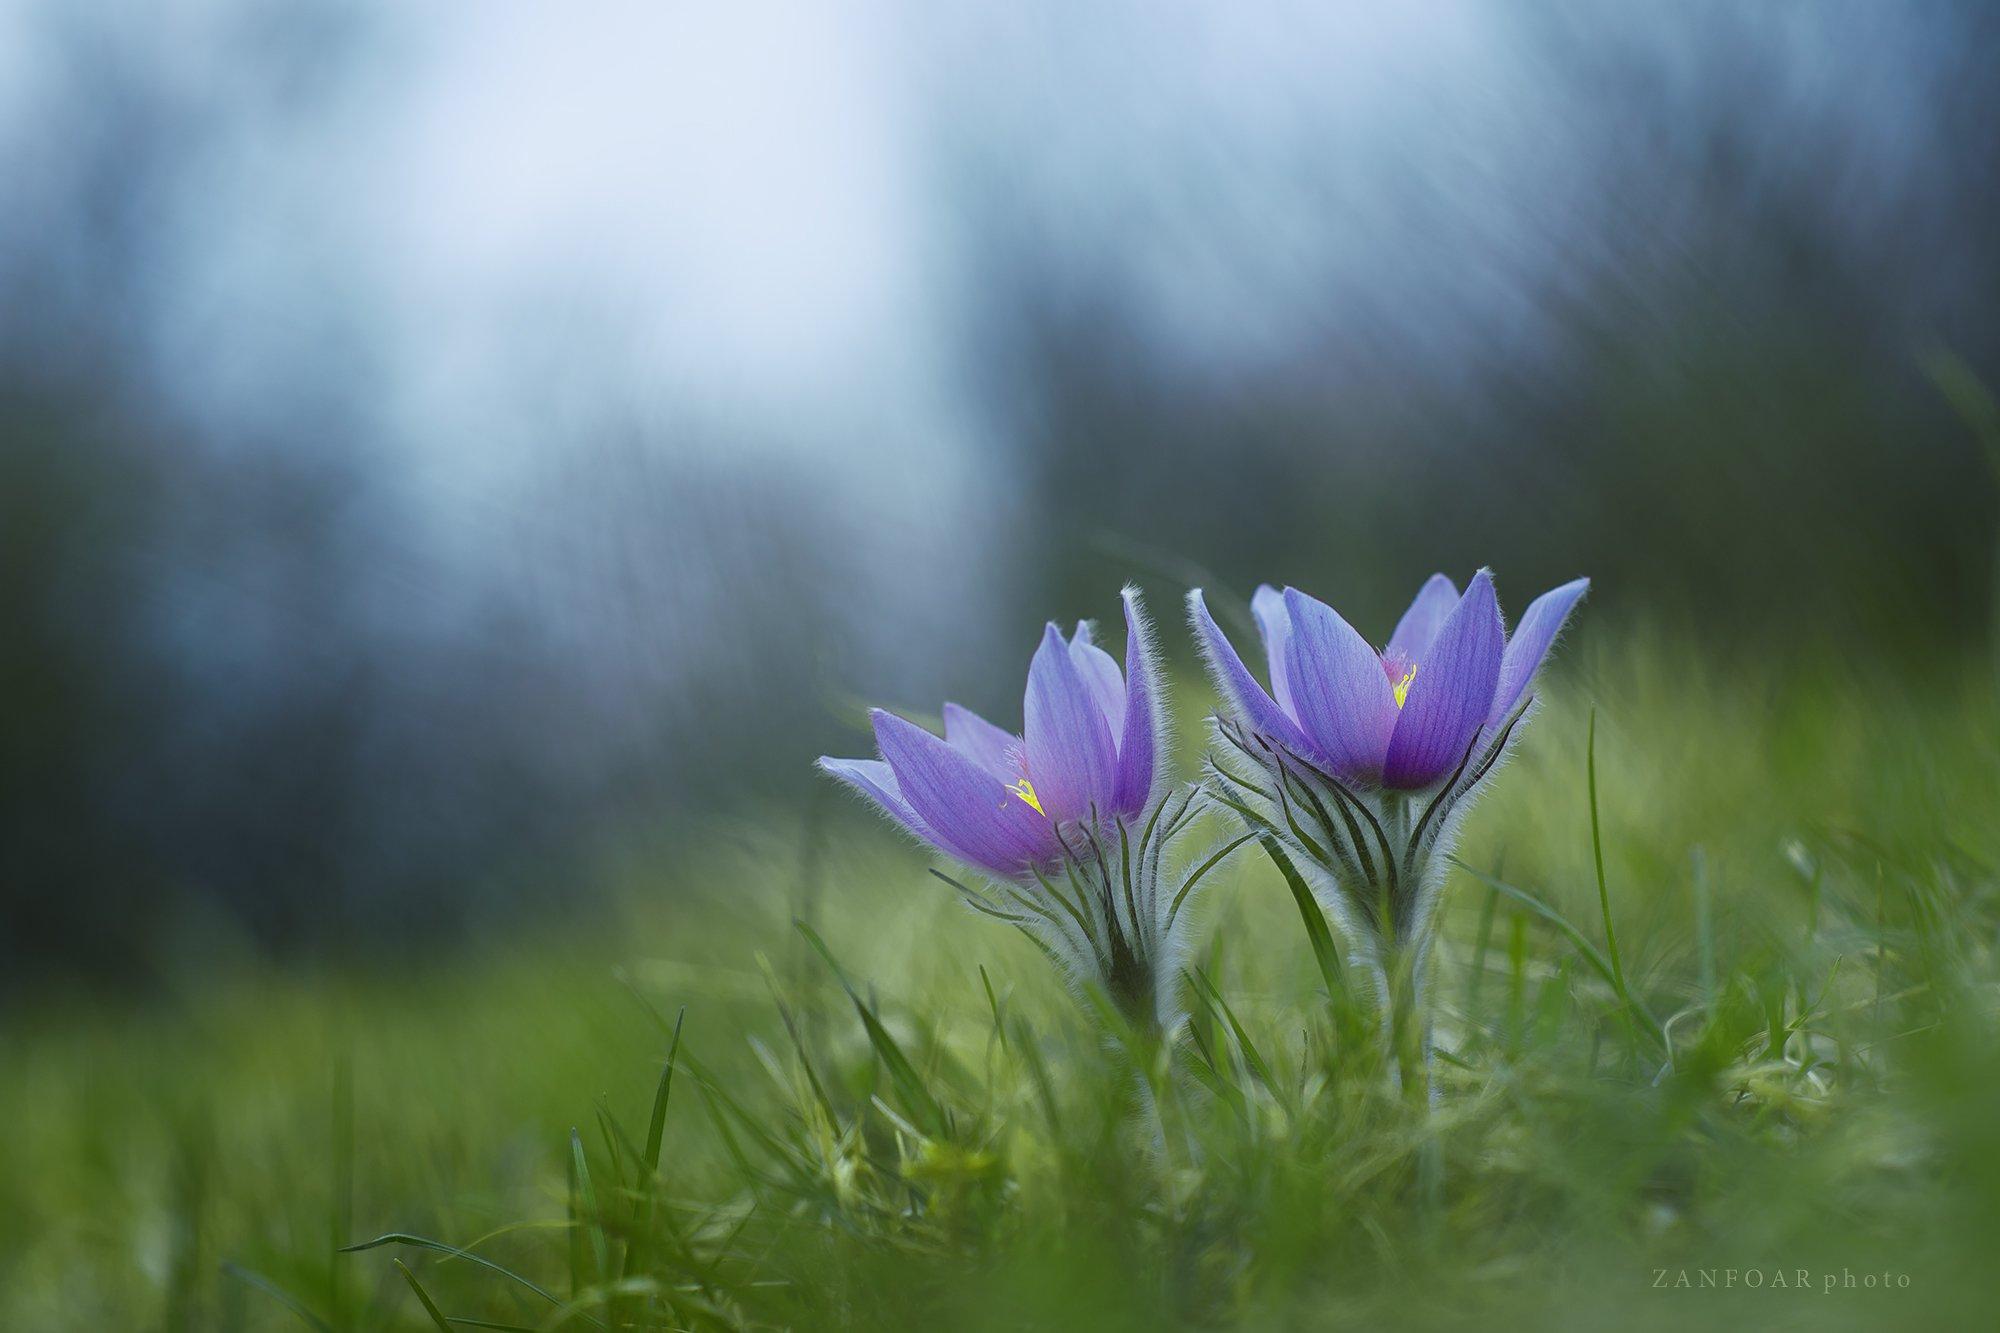 pulsatilla grandis,бархатный цветокзака,тпейзаж,природа,цвет,zanfoar,макро,чешская республика,czech republic,nikon d750,twin, Zanfoar